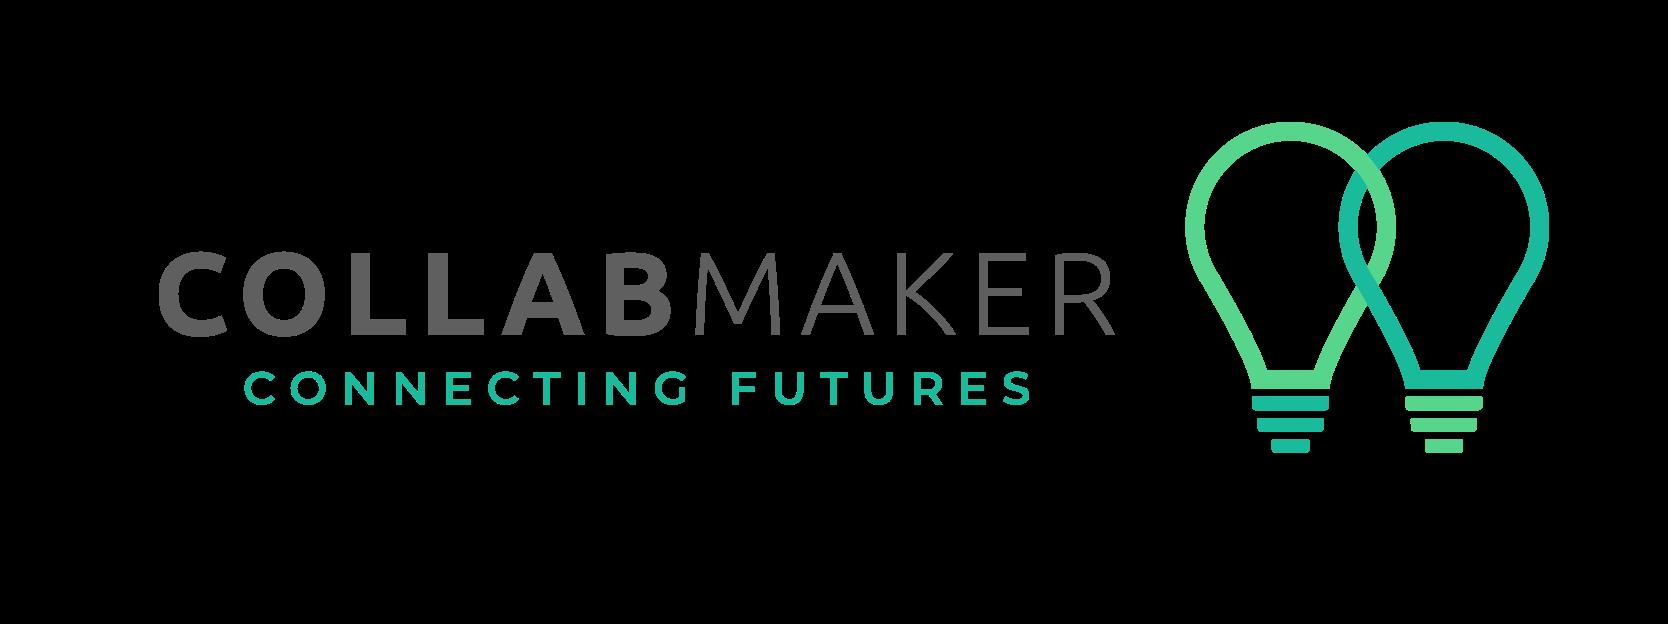 CollabMaker